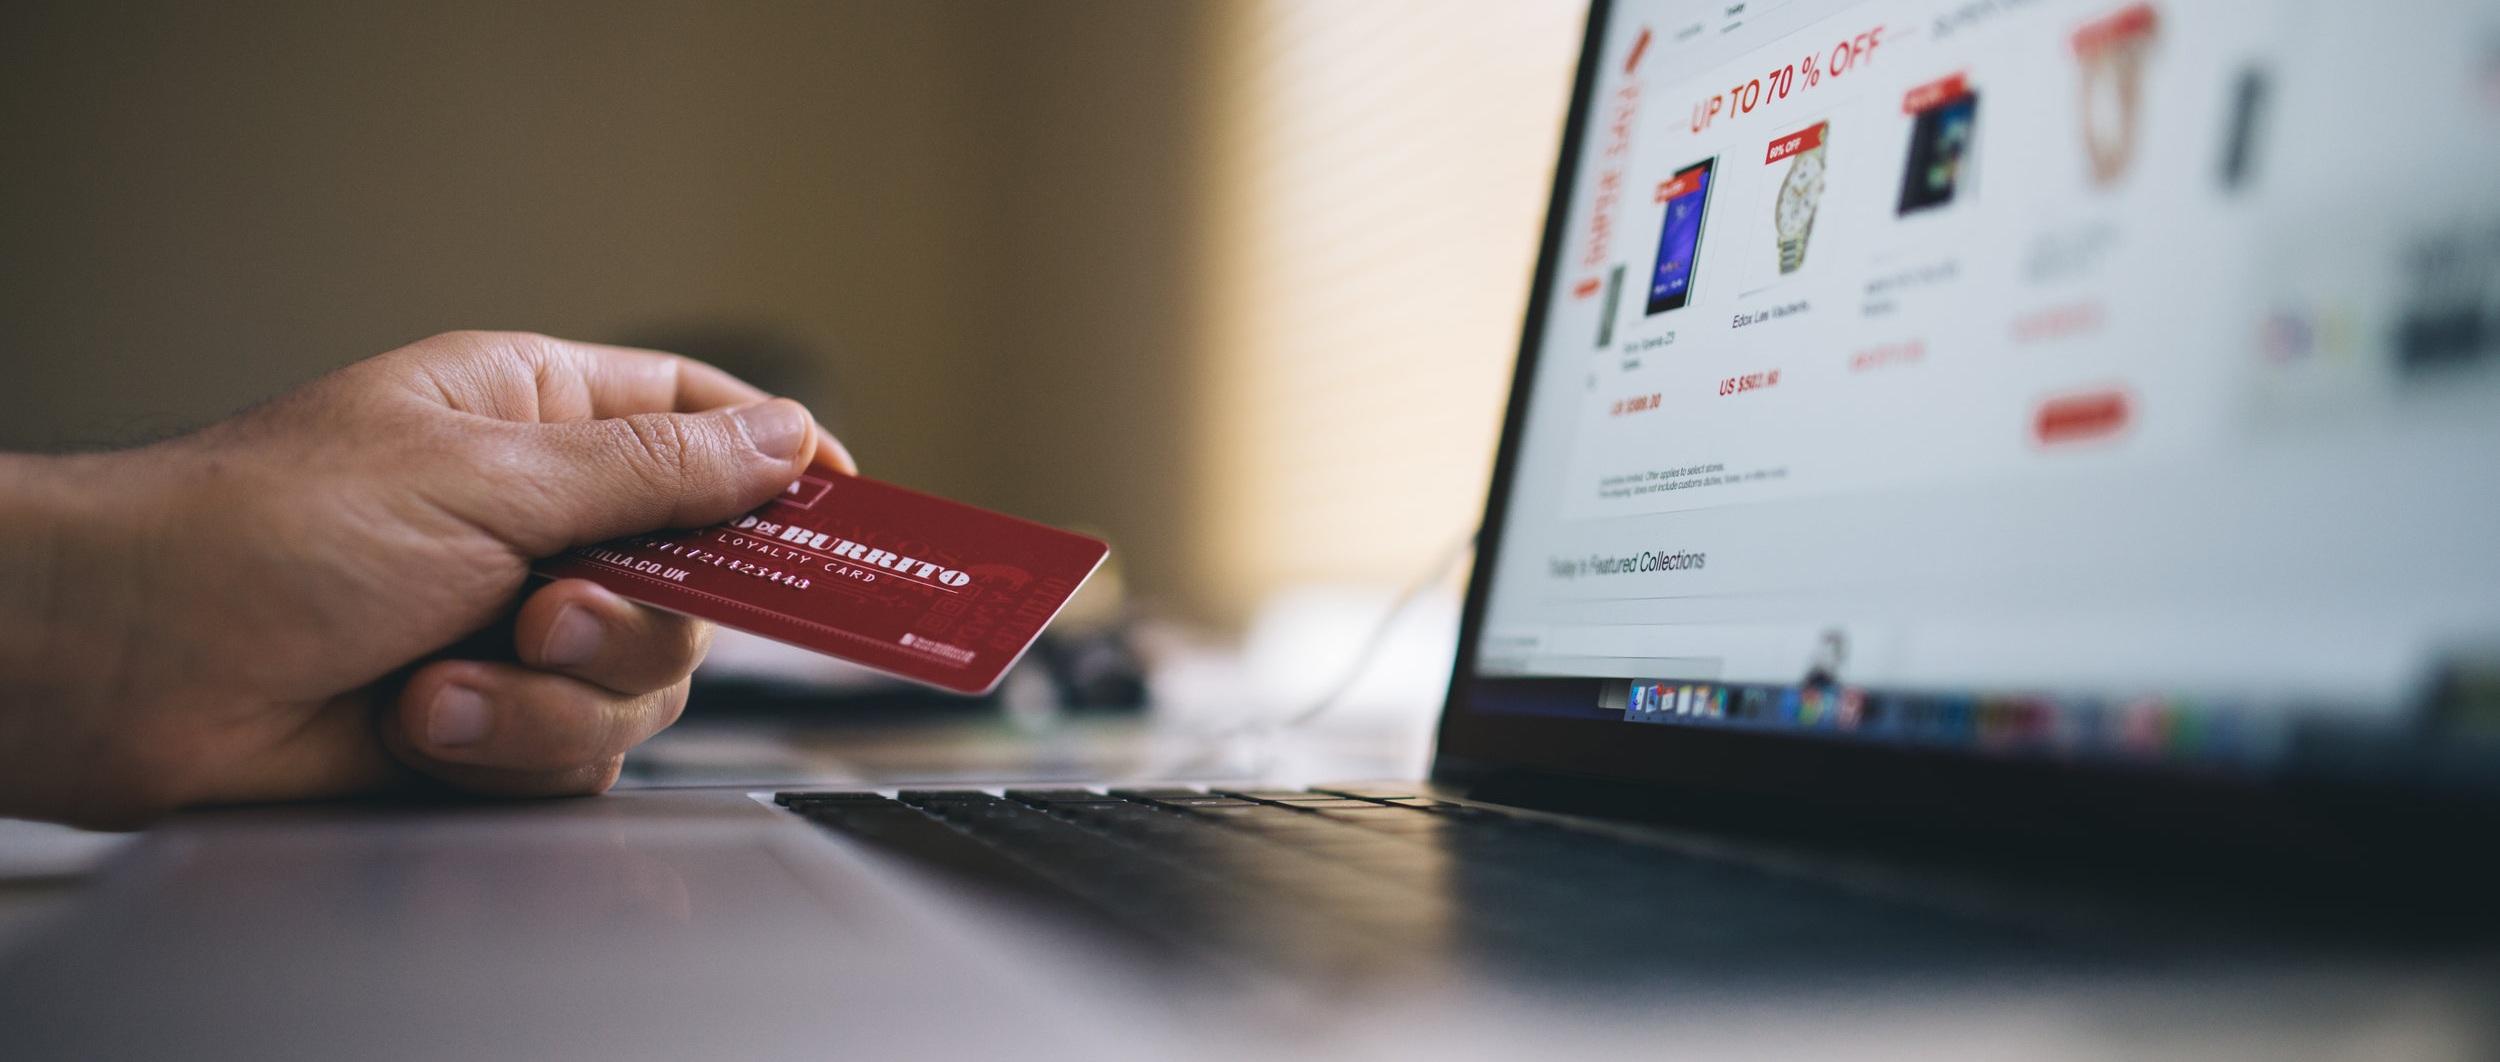 online+shopping.jpg